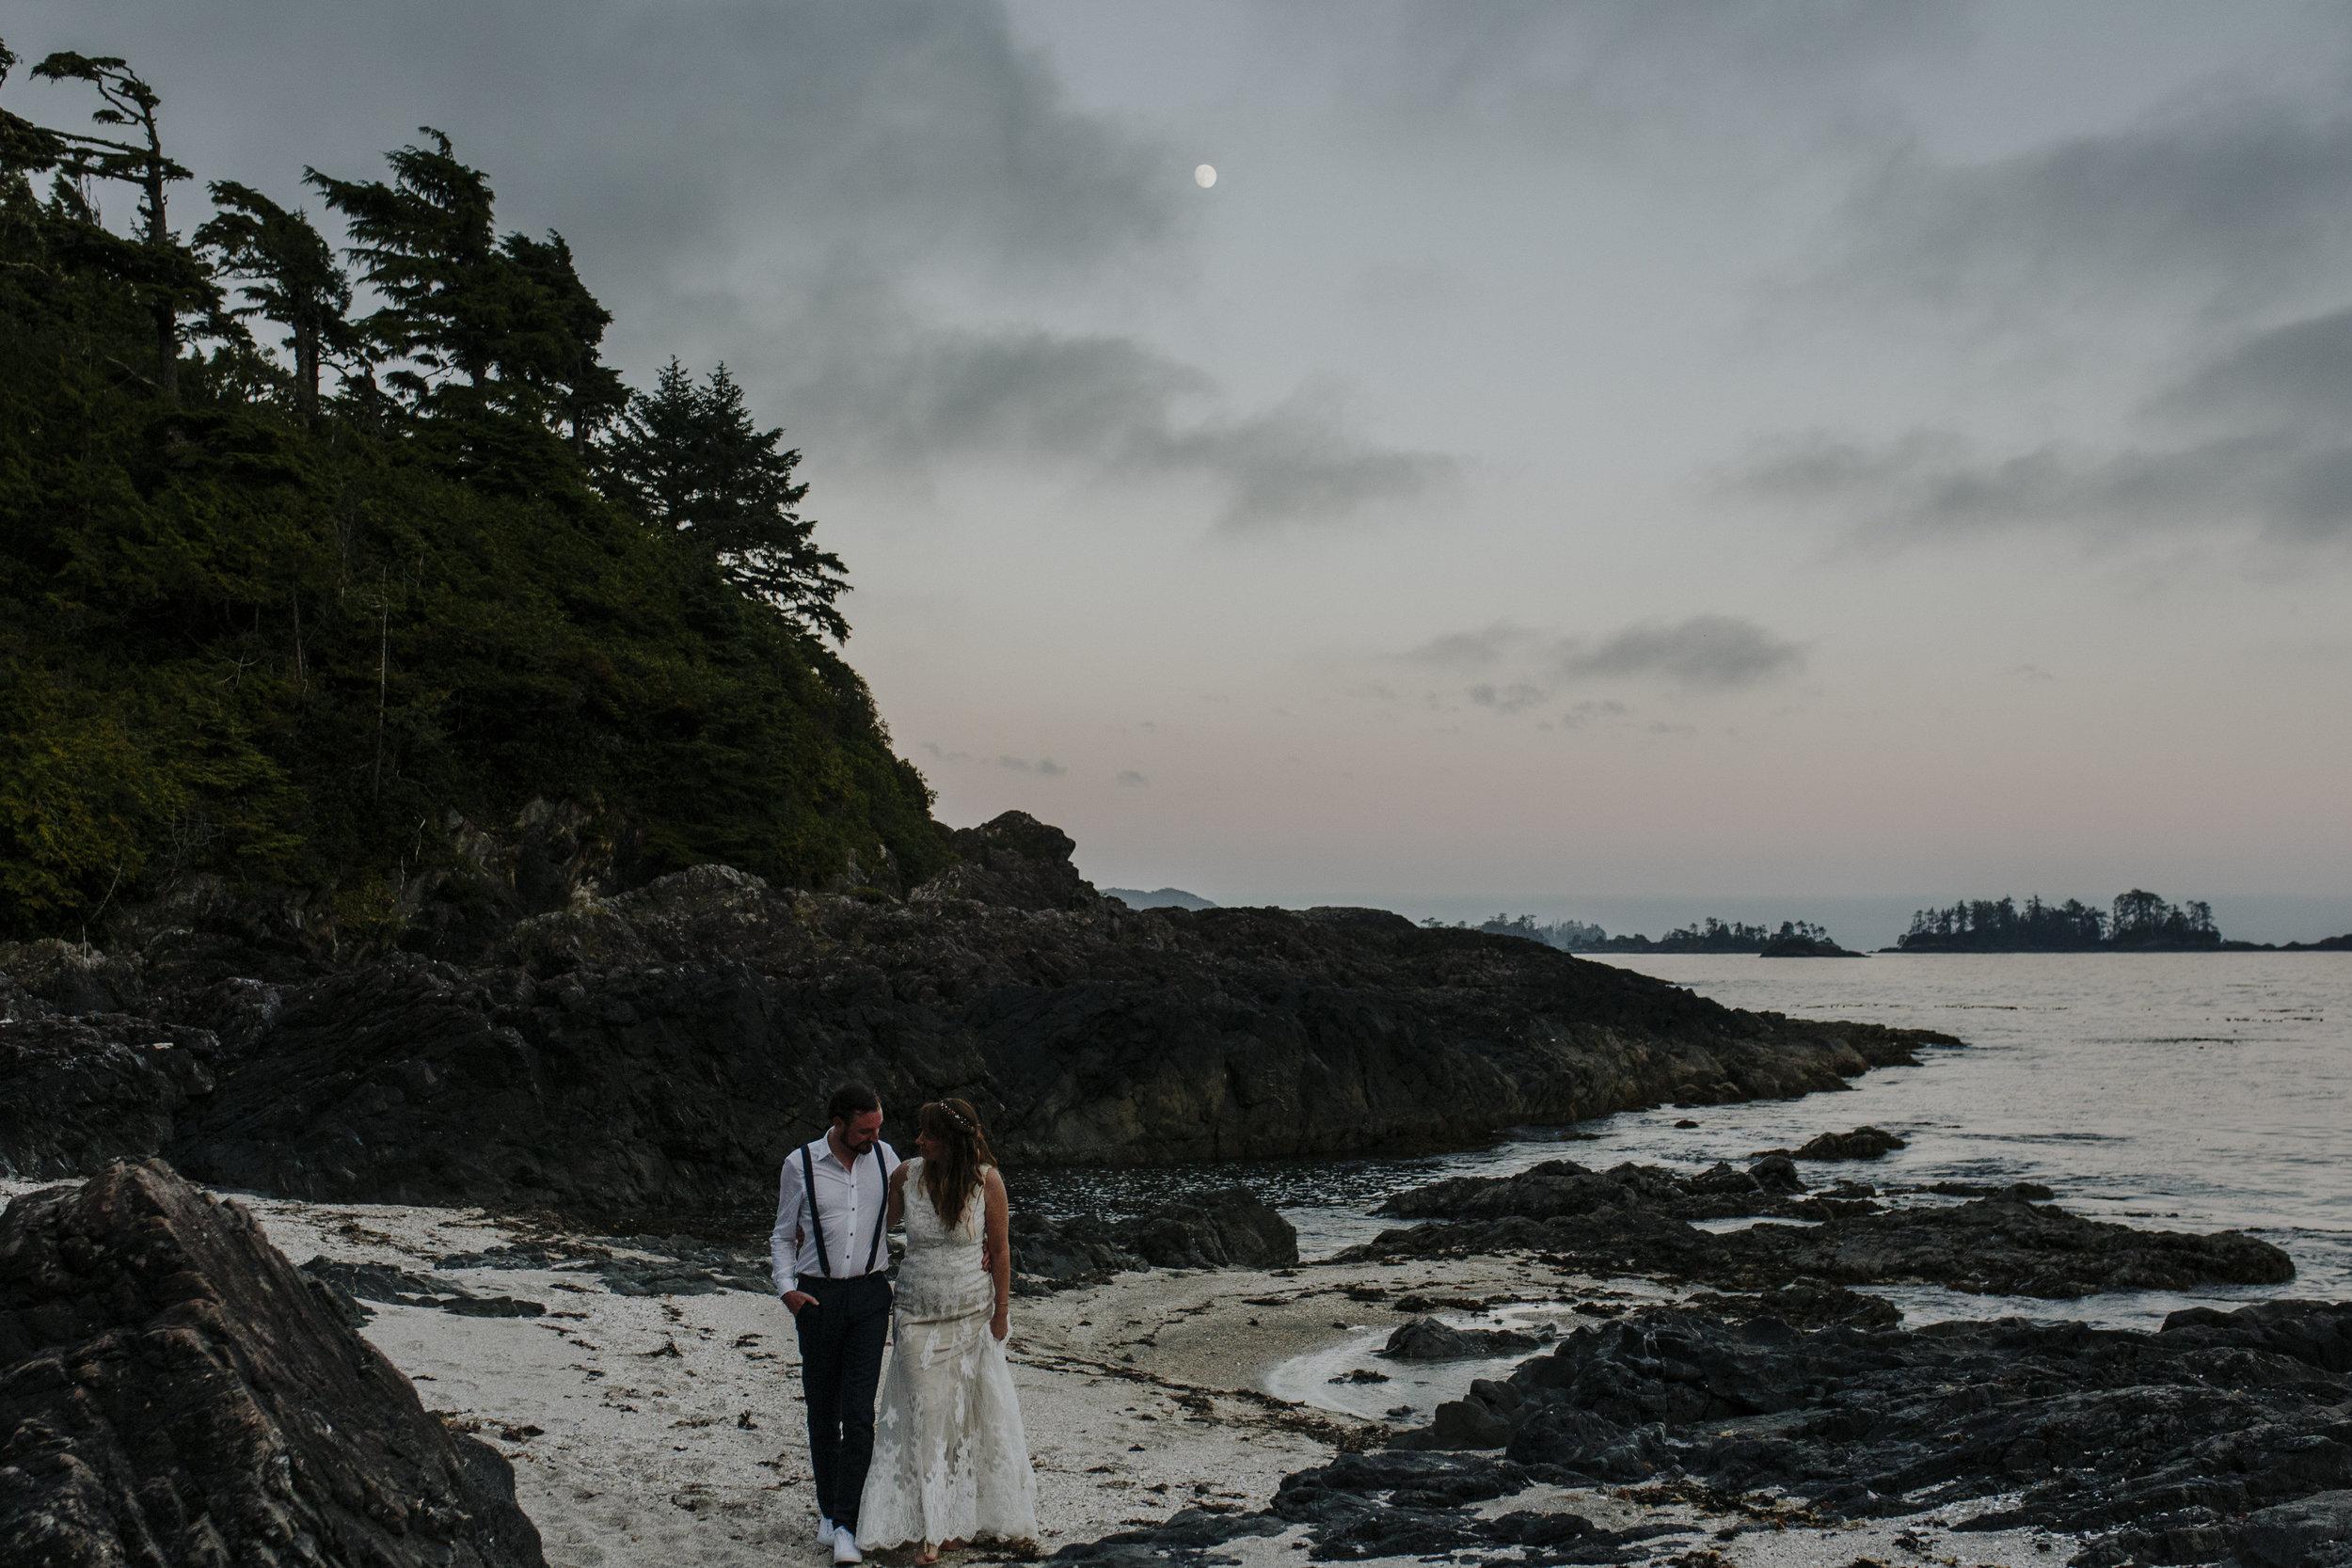 wickaninnish inn beach wedding tofino sunset portraits of couple